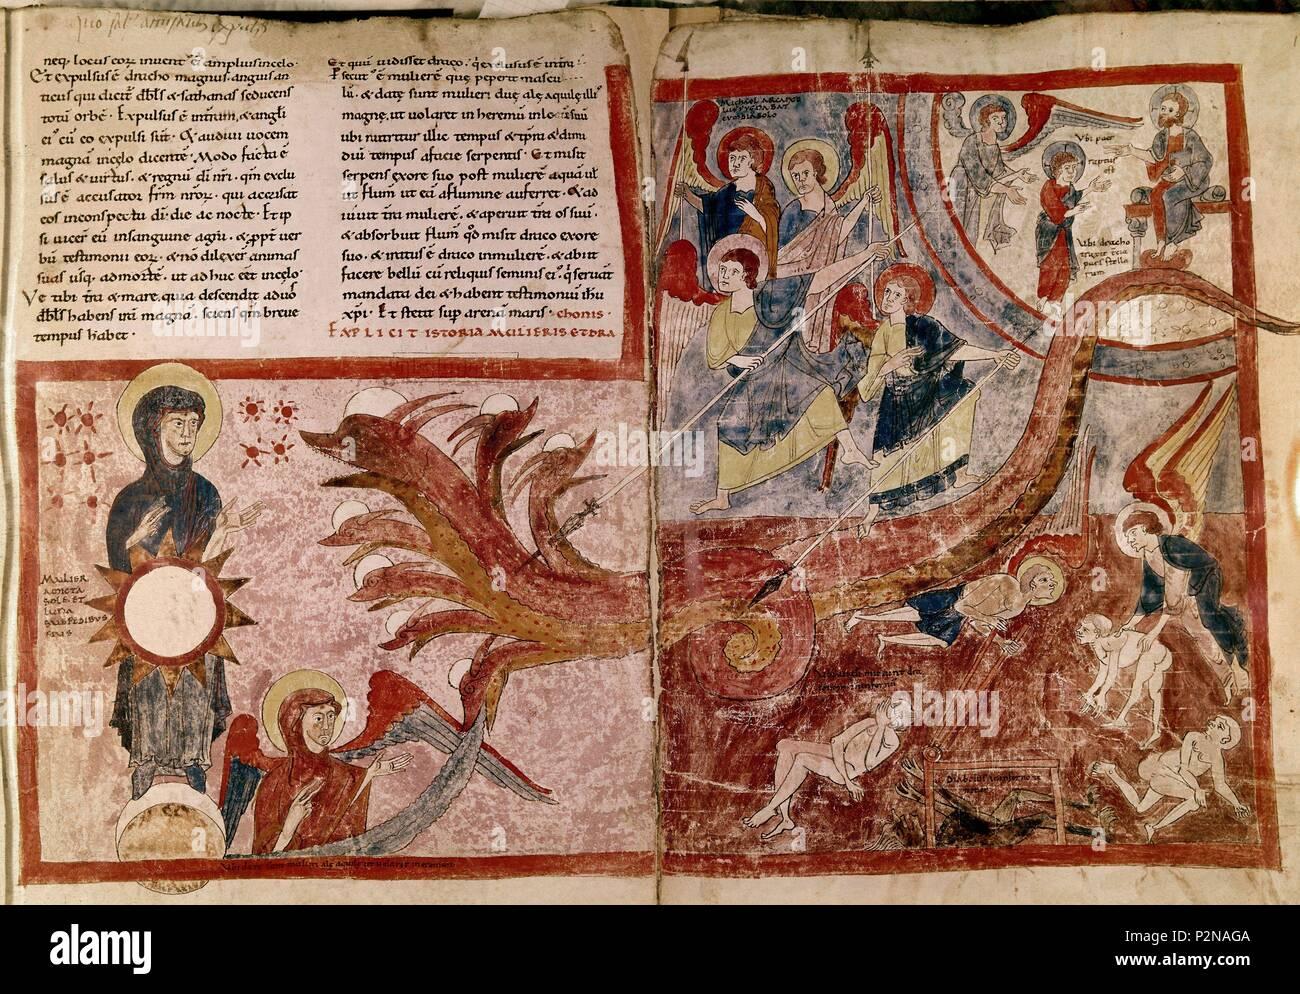 Girona-S XII-FOL 125R, la mujer vestida de sol y el dragón, el DRAGÓN DE  LAS 7 cabezas. Autor: Beato de Liébana (c. 730-c. 798). Ubicación:  Biblioteca Nacional, Turín, Italia Fotografía de stock -